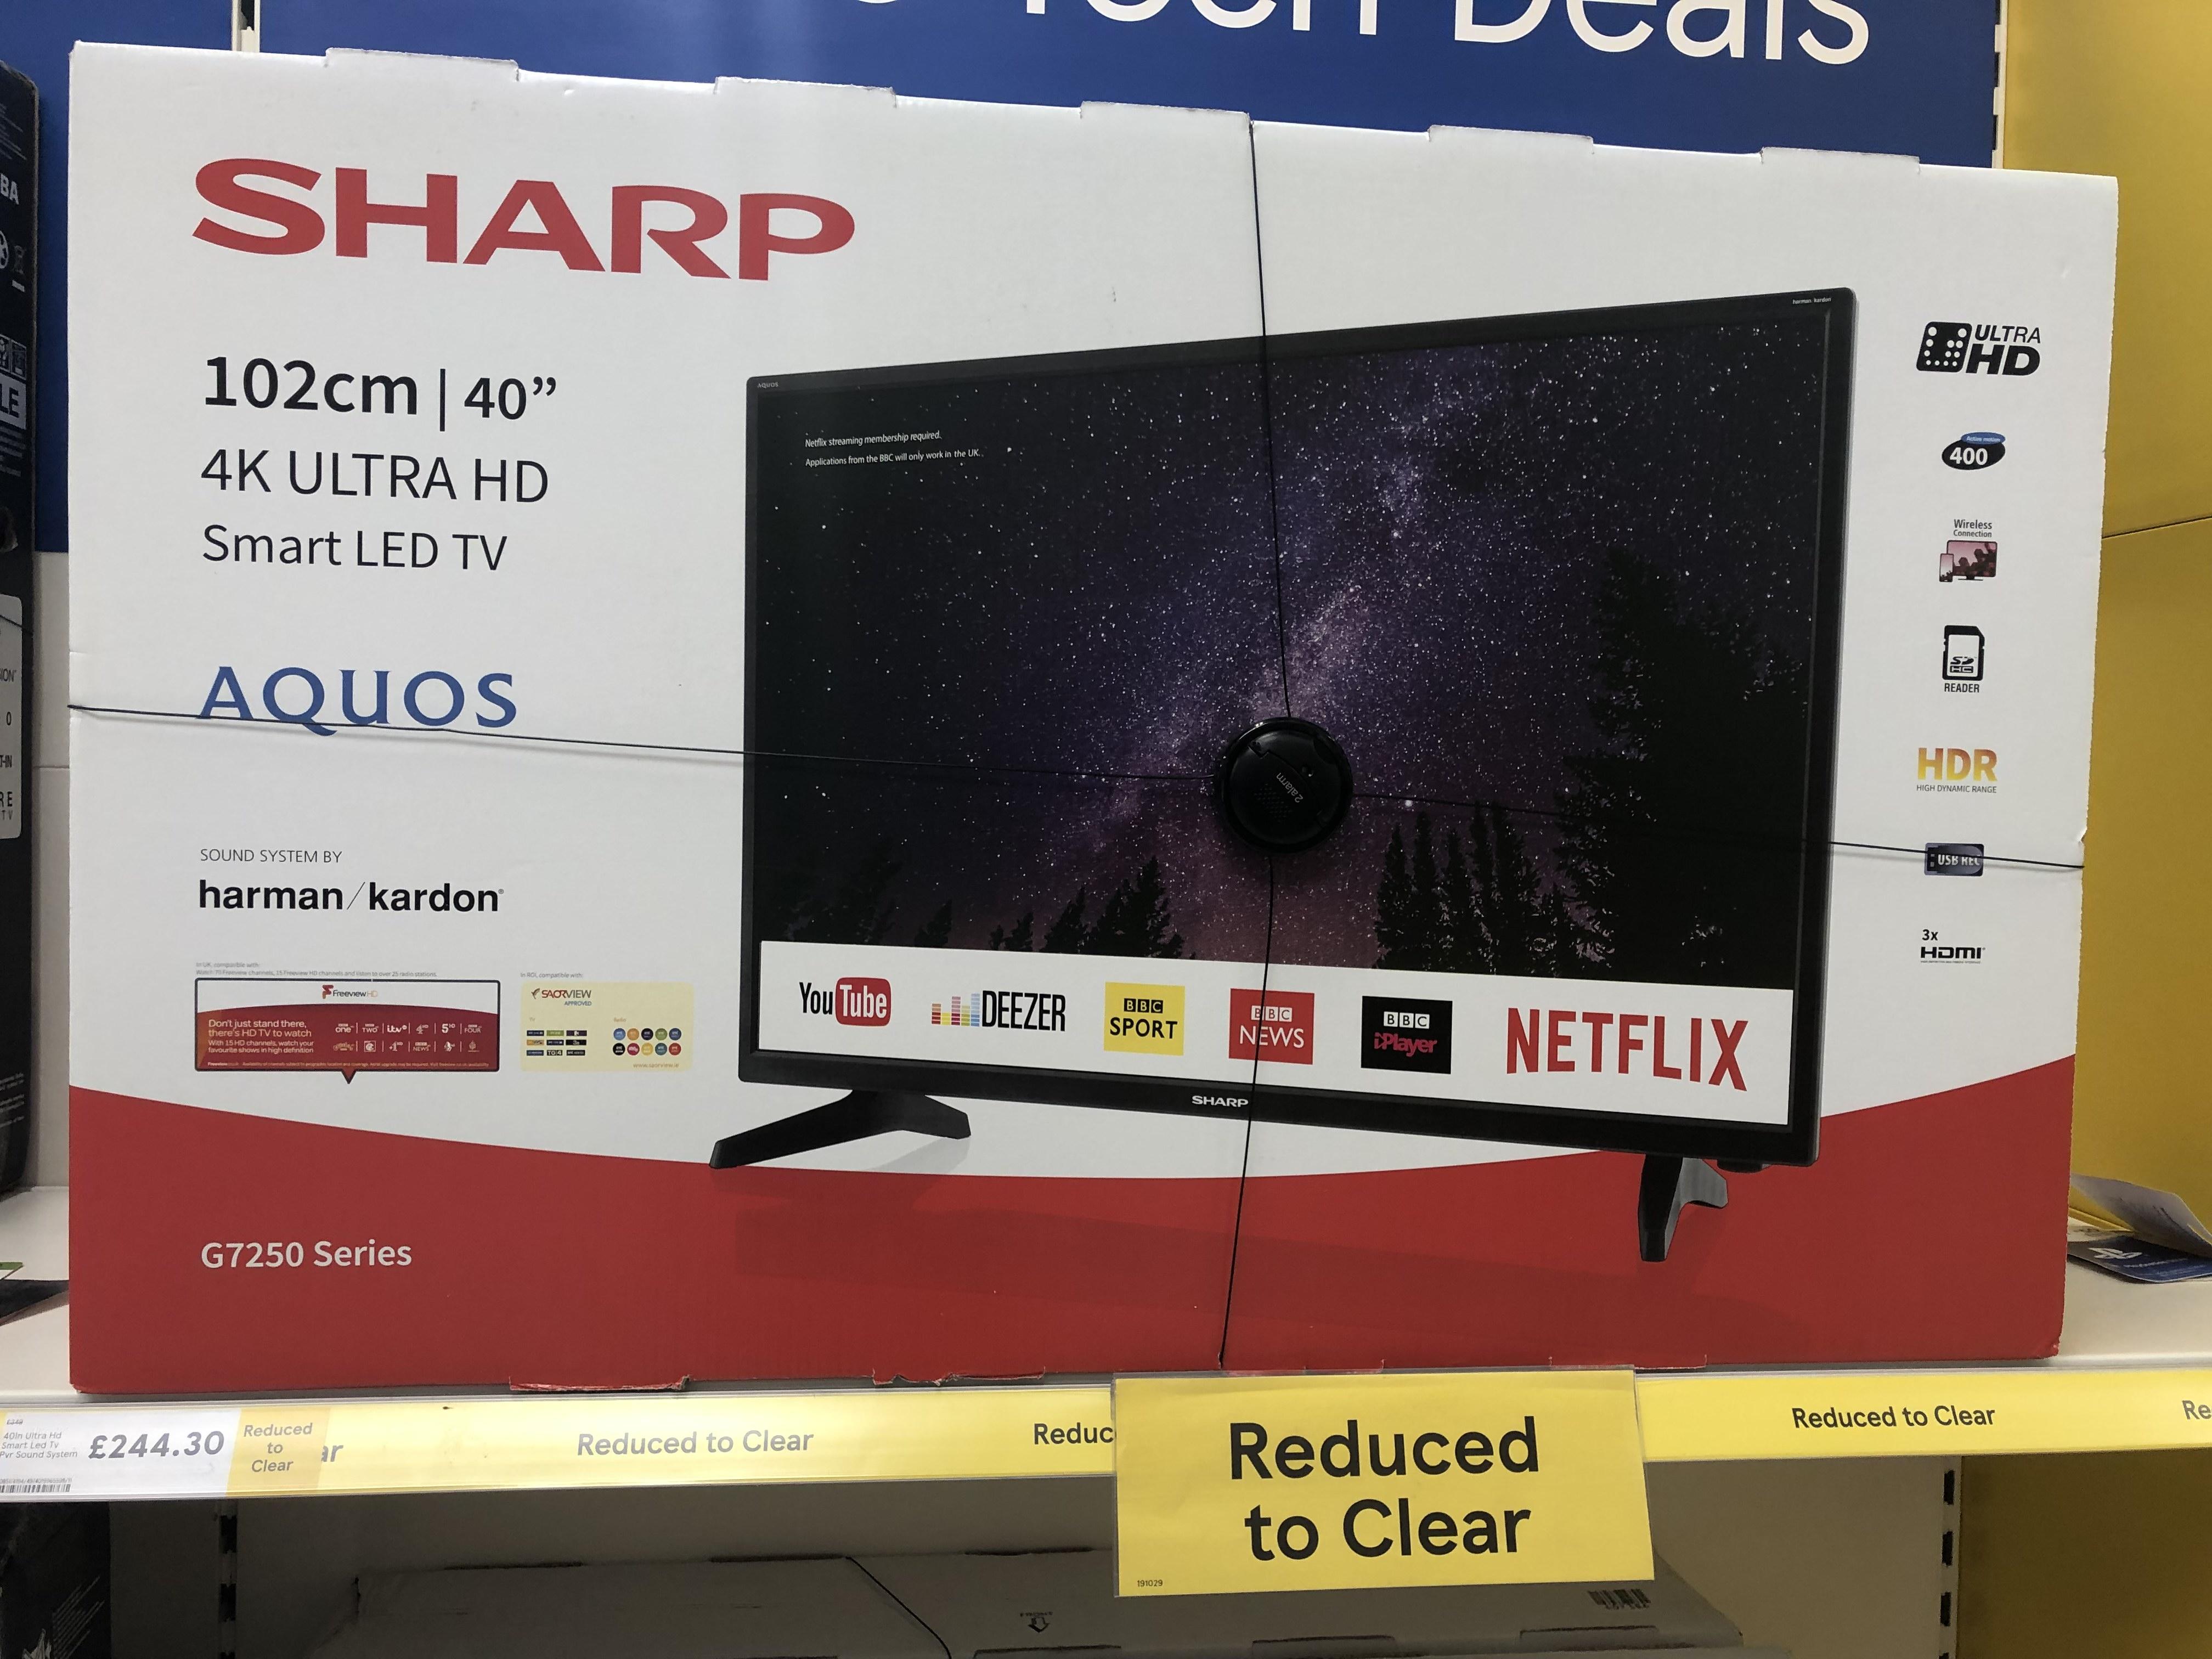 """Sharp 40"""" 4K UHD smart LED TV - £244.30 @ Tesco"""